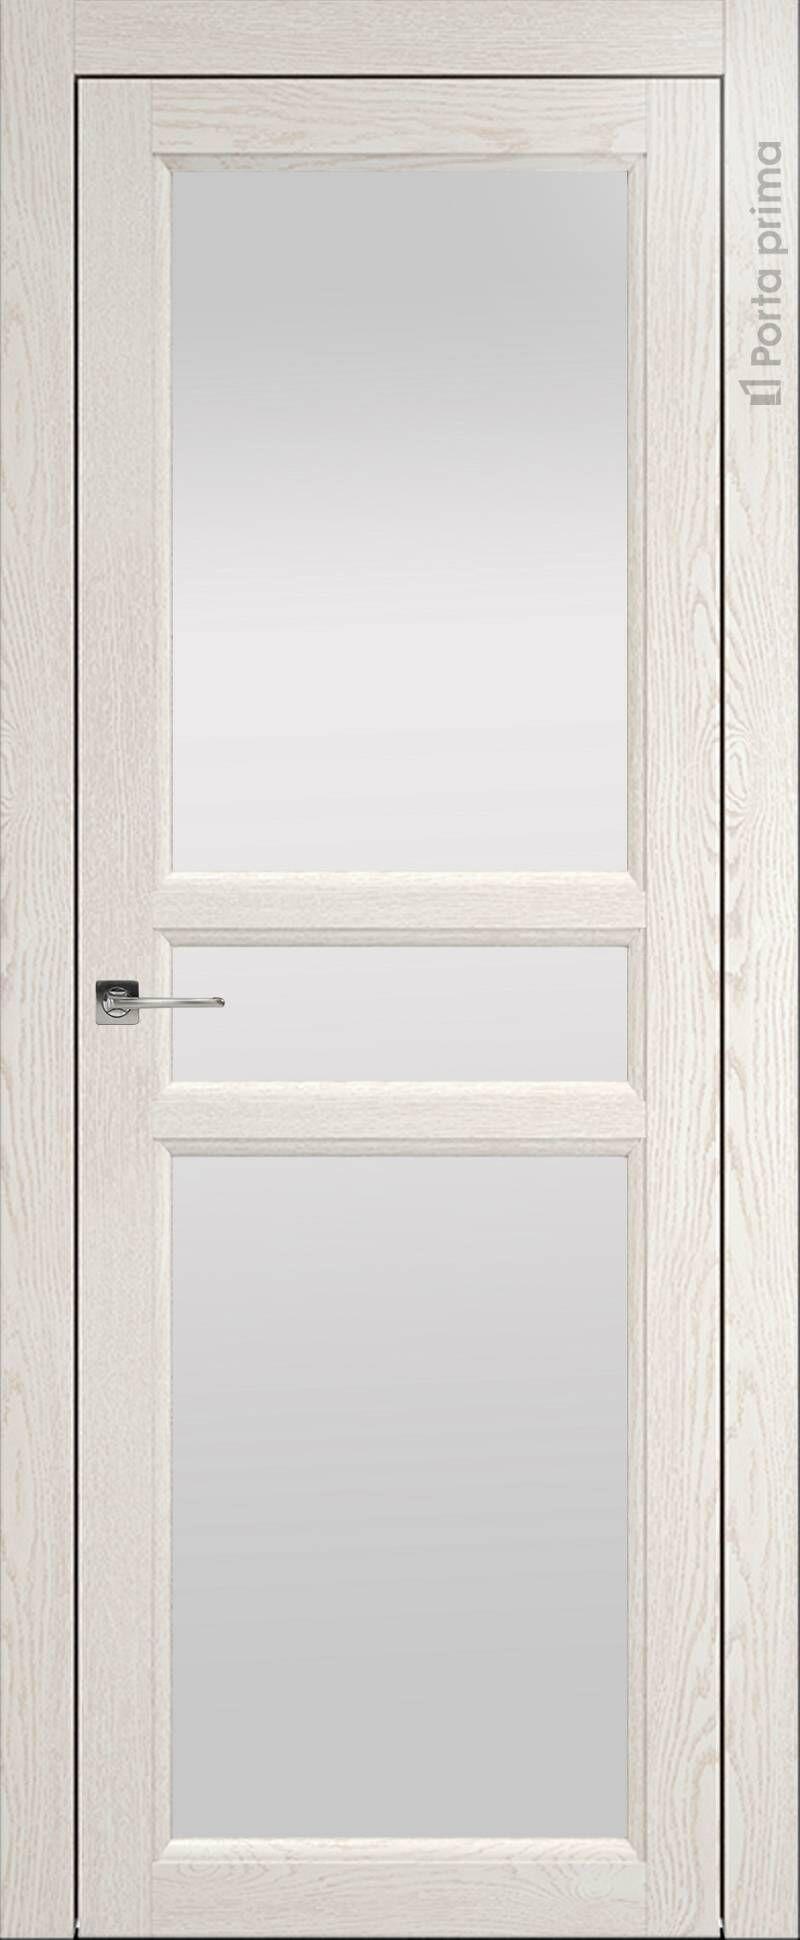 Sorrento-R Е2 цвет - Белый ясень (nano-flex) Со стеклом (ДО)